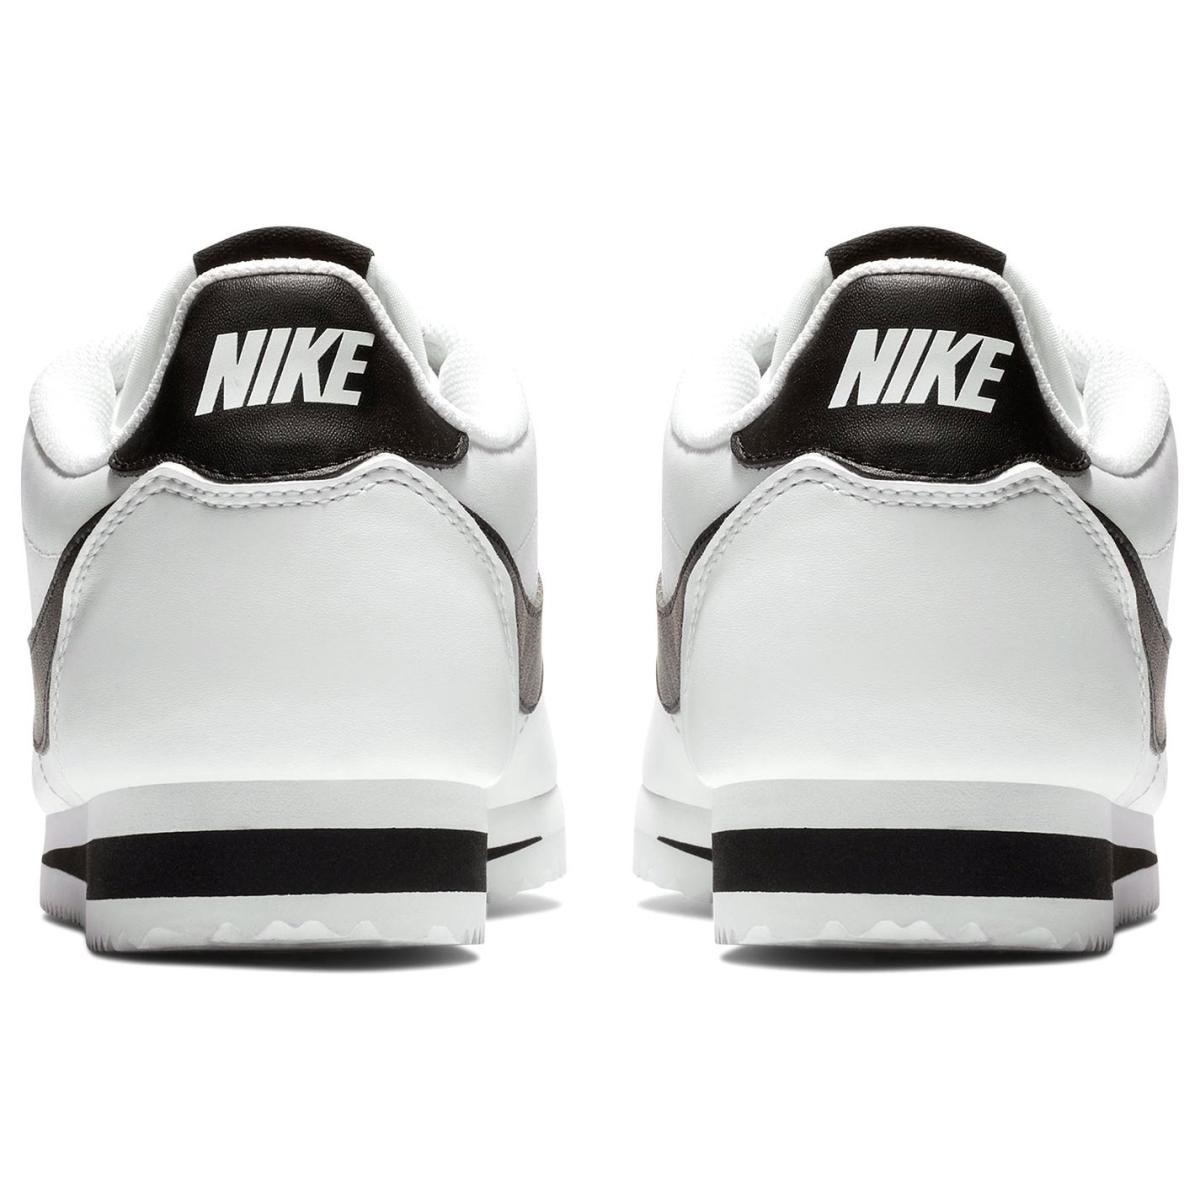 Nike-Classic-Cortez-Turnschuhe-Damen-Sneaker-Sportschuhe-Laufschuhe-4036 Indexbild 17